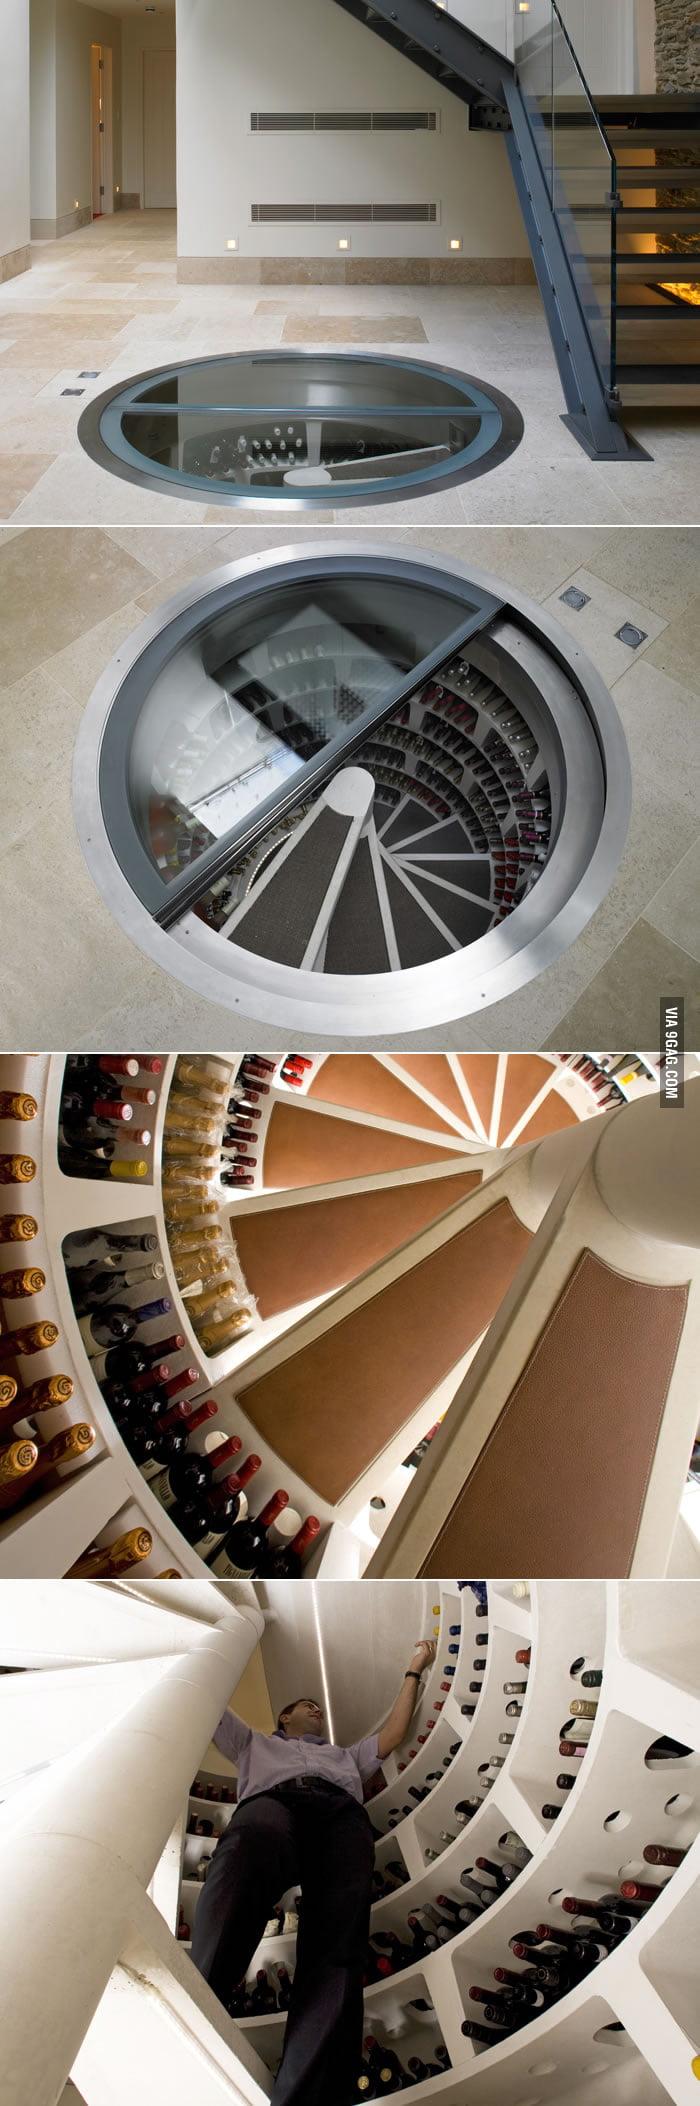 Spiral Wine Cellar